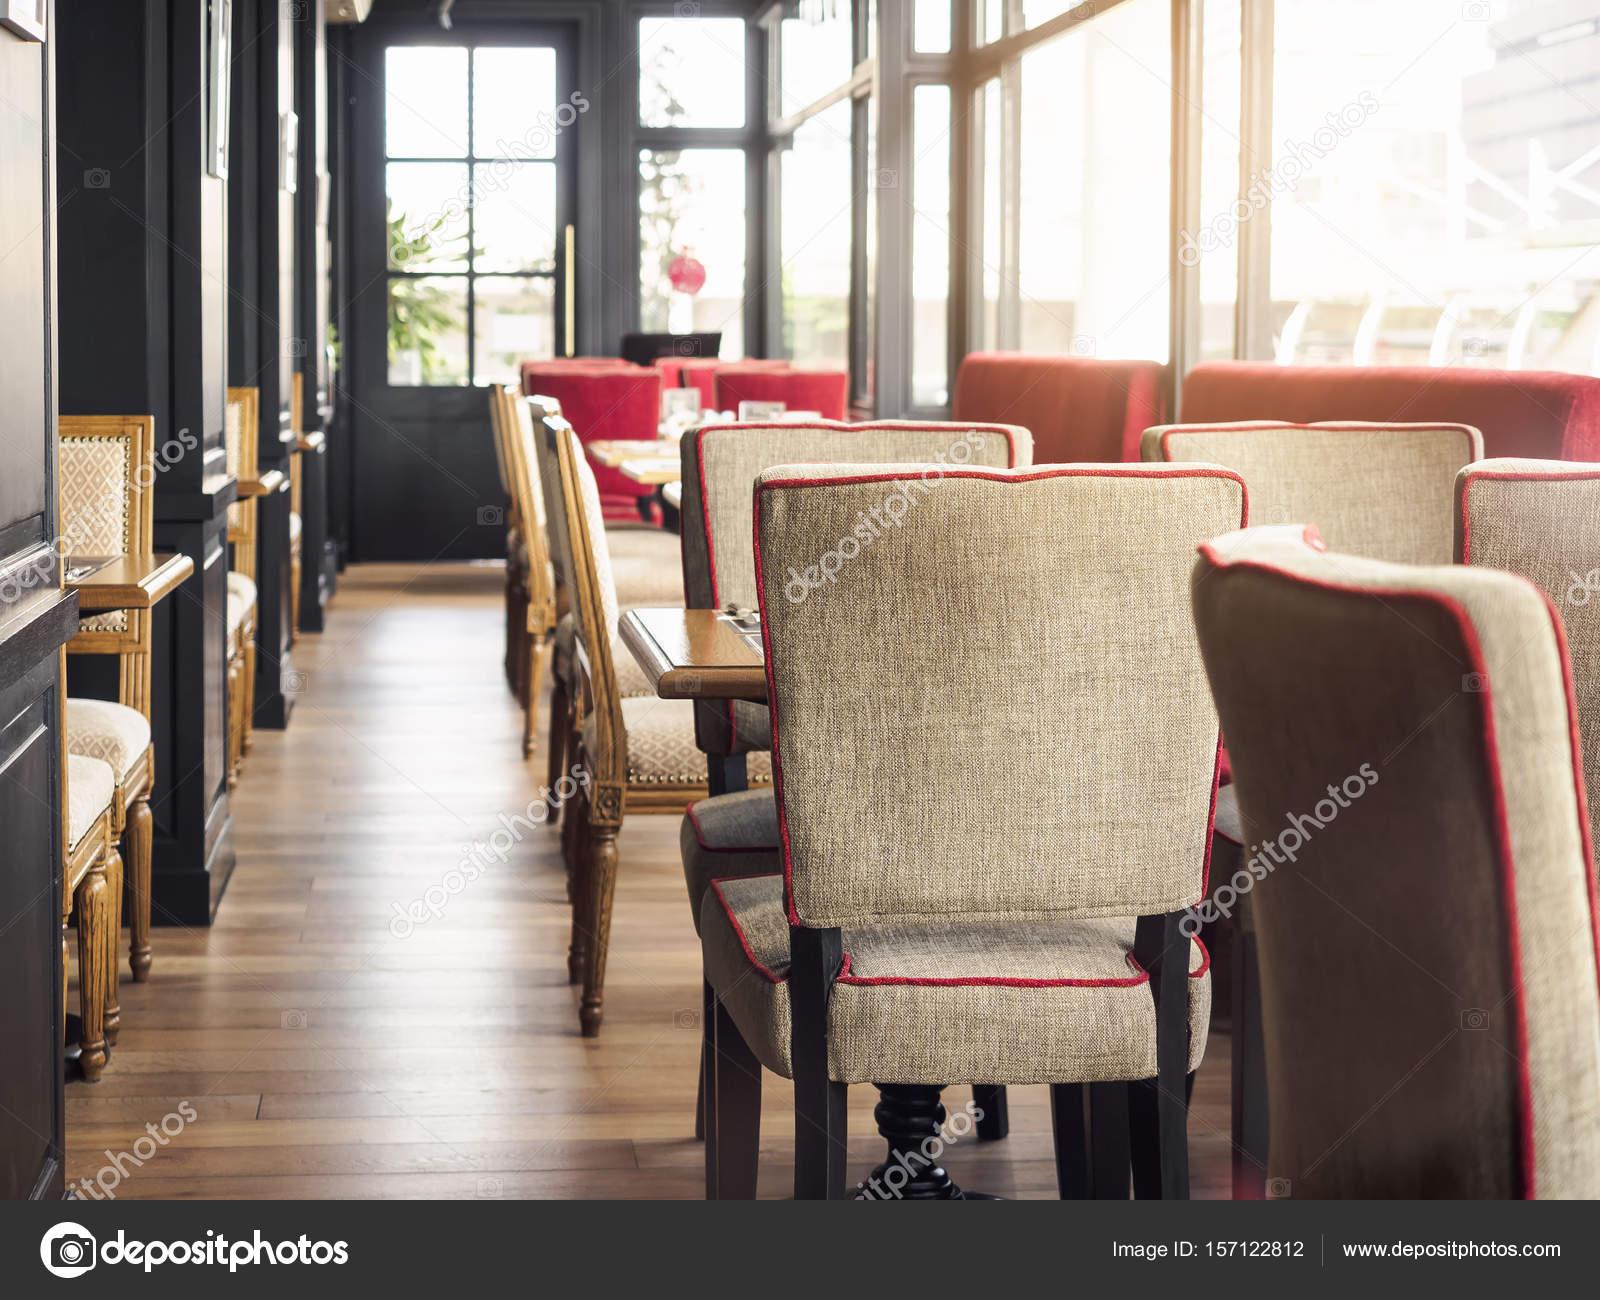 Interieur restaurant lege tafel en stoelen weergave klassieke